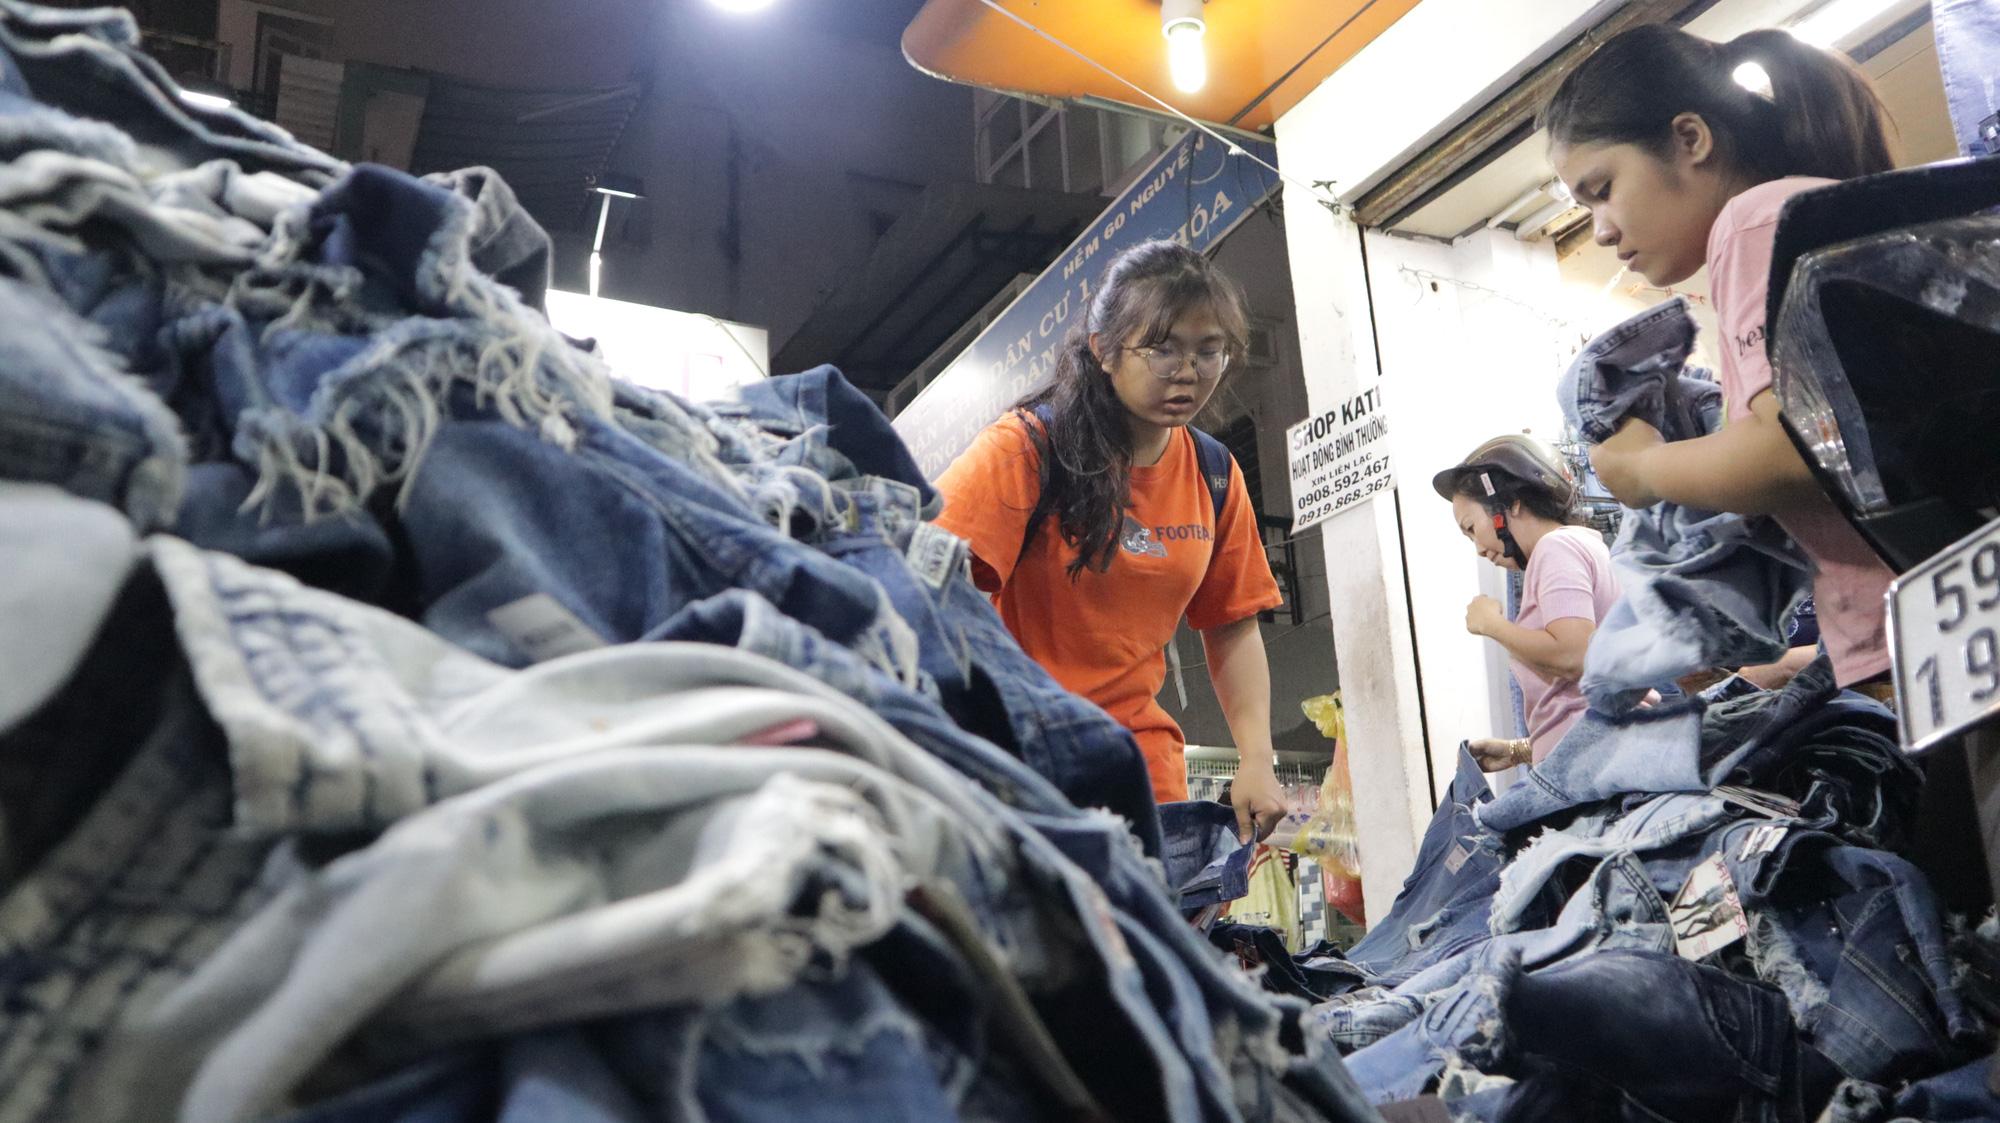 Người dân TP HCM bỏ mặc các shop, chuộng sắm đồ vỉa hè đón Tết - Ảnh 10.